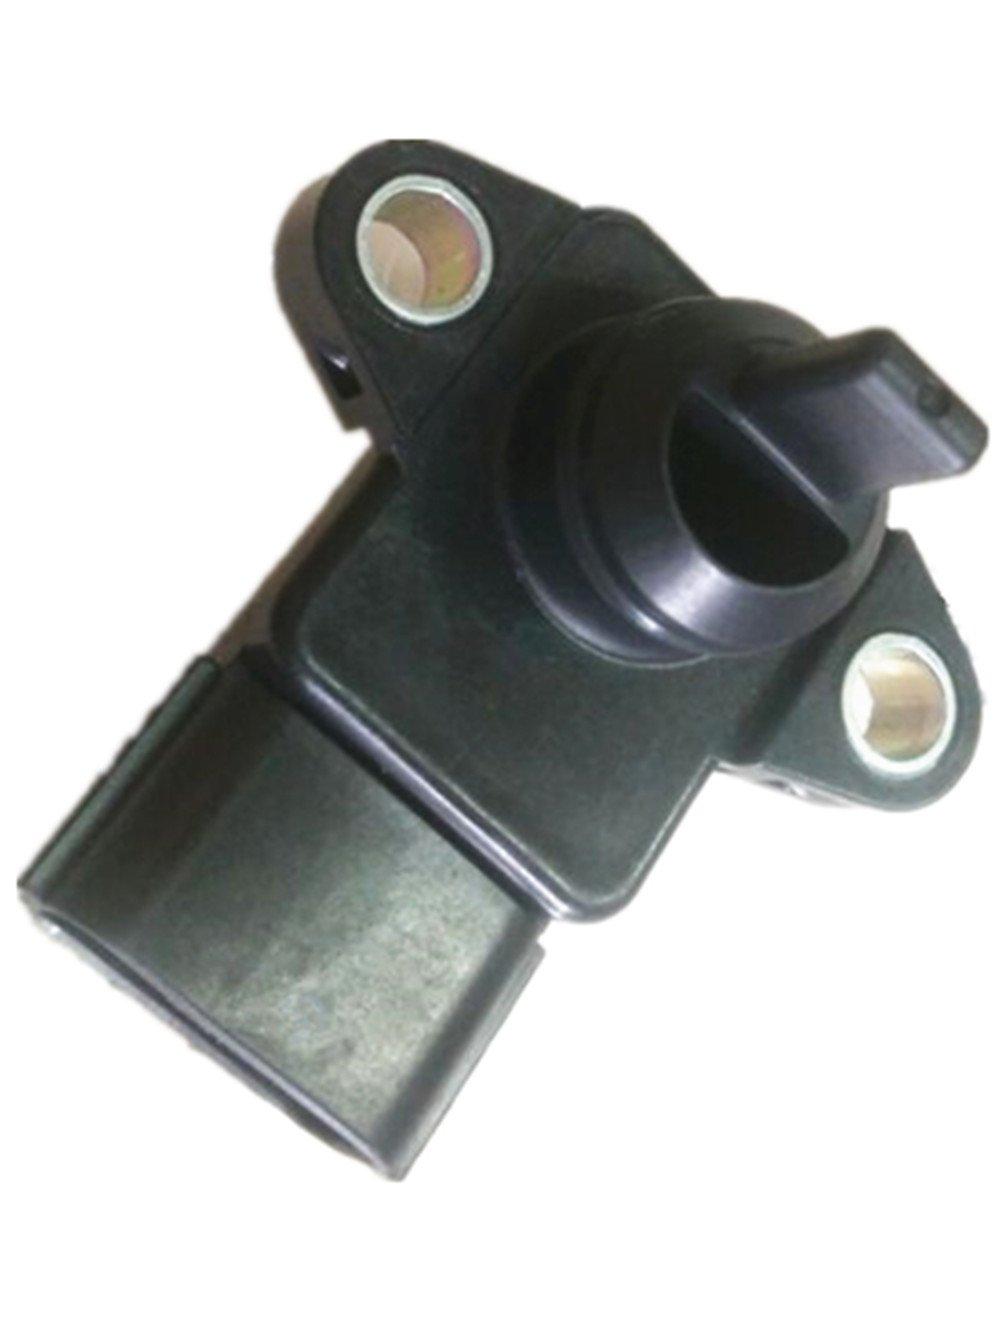 Yalai 68F-83688-00-00 Intake Air Pressure Sensor by SENIN